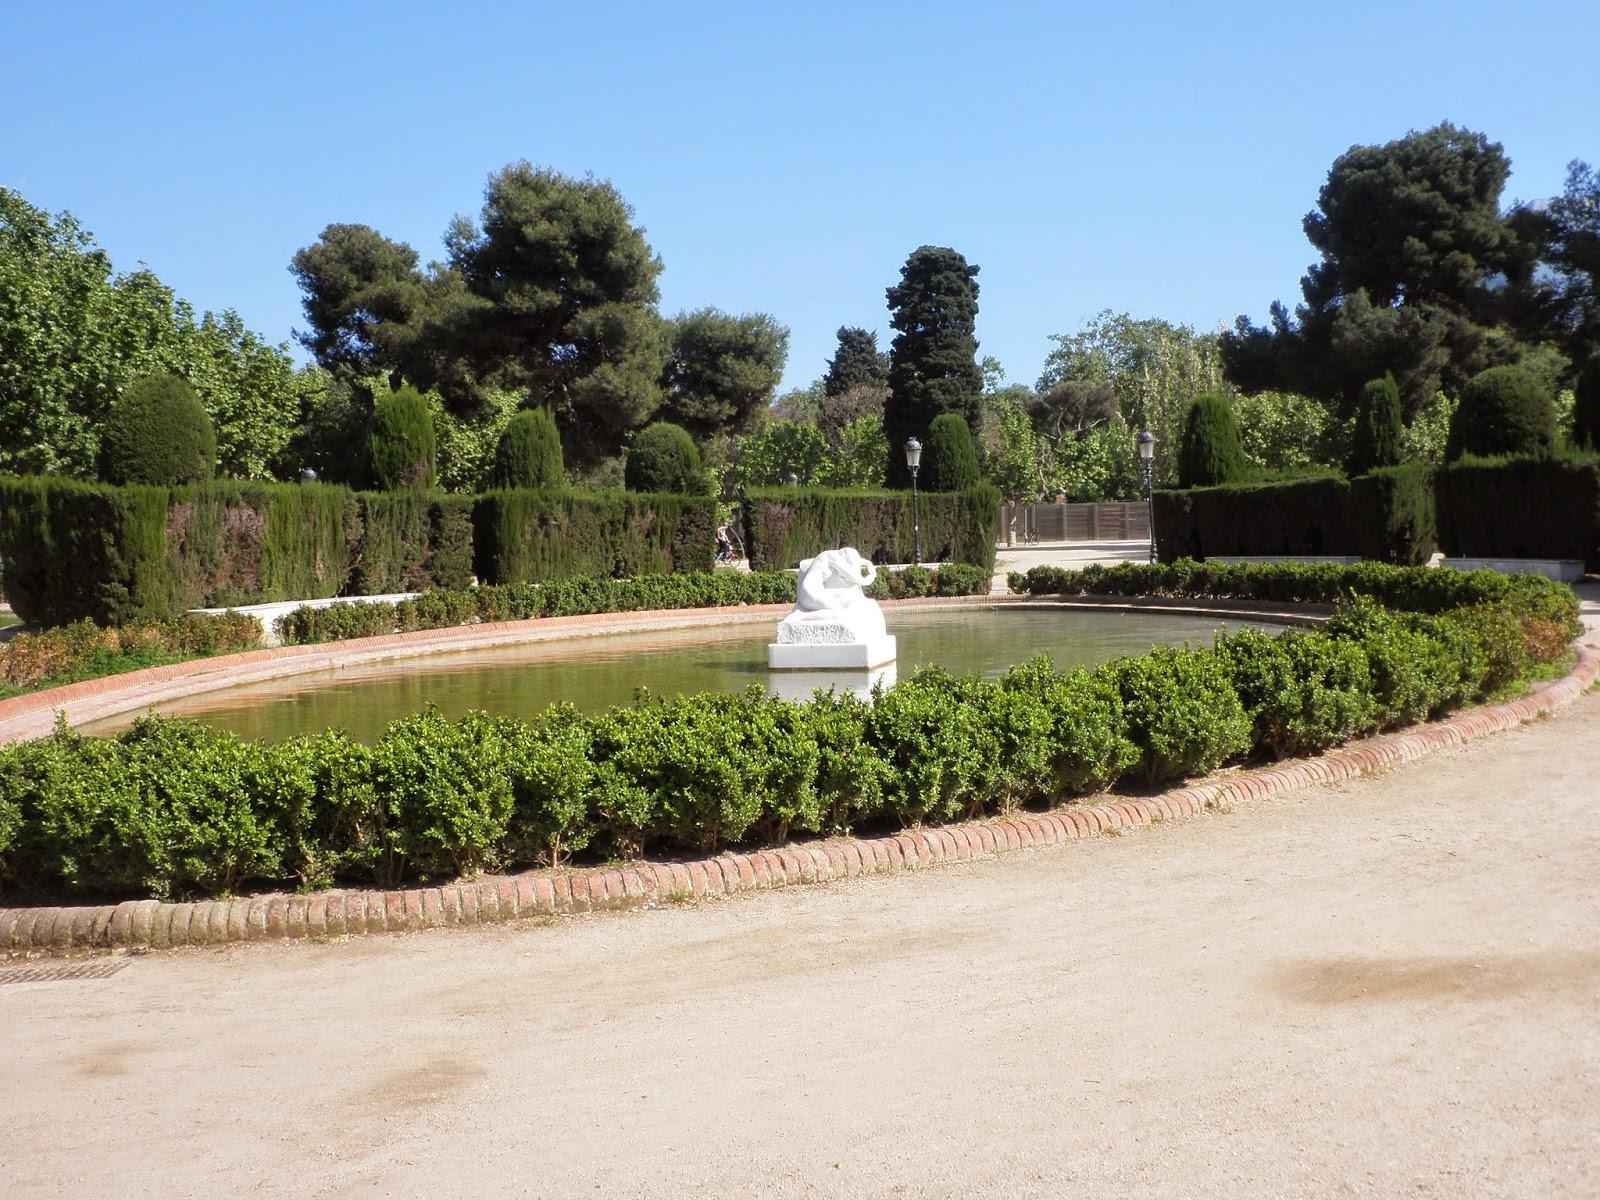 en medio del estanque encontramos una de las ms famosas esculturas modernistas catalanas obra de josep llimona esta escultura de gran belleza